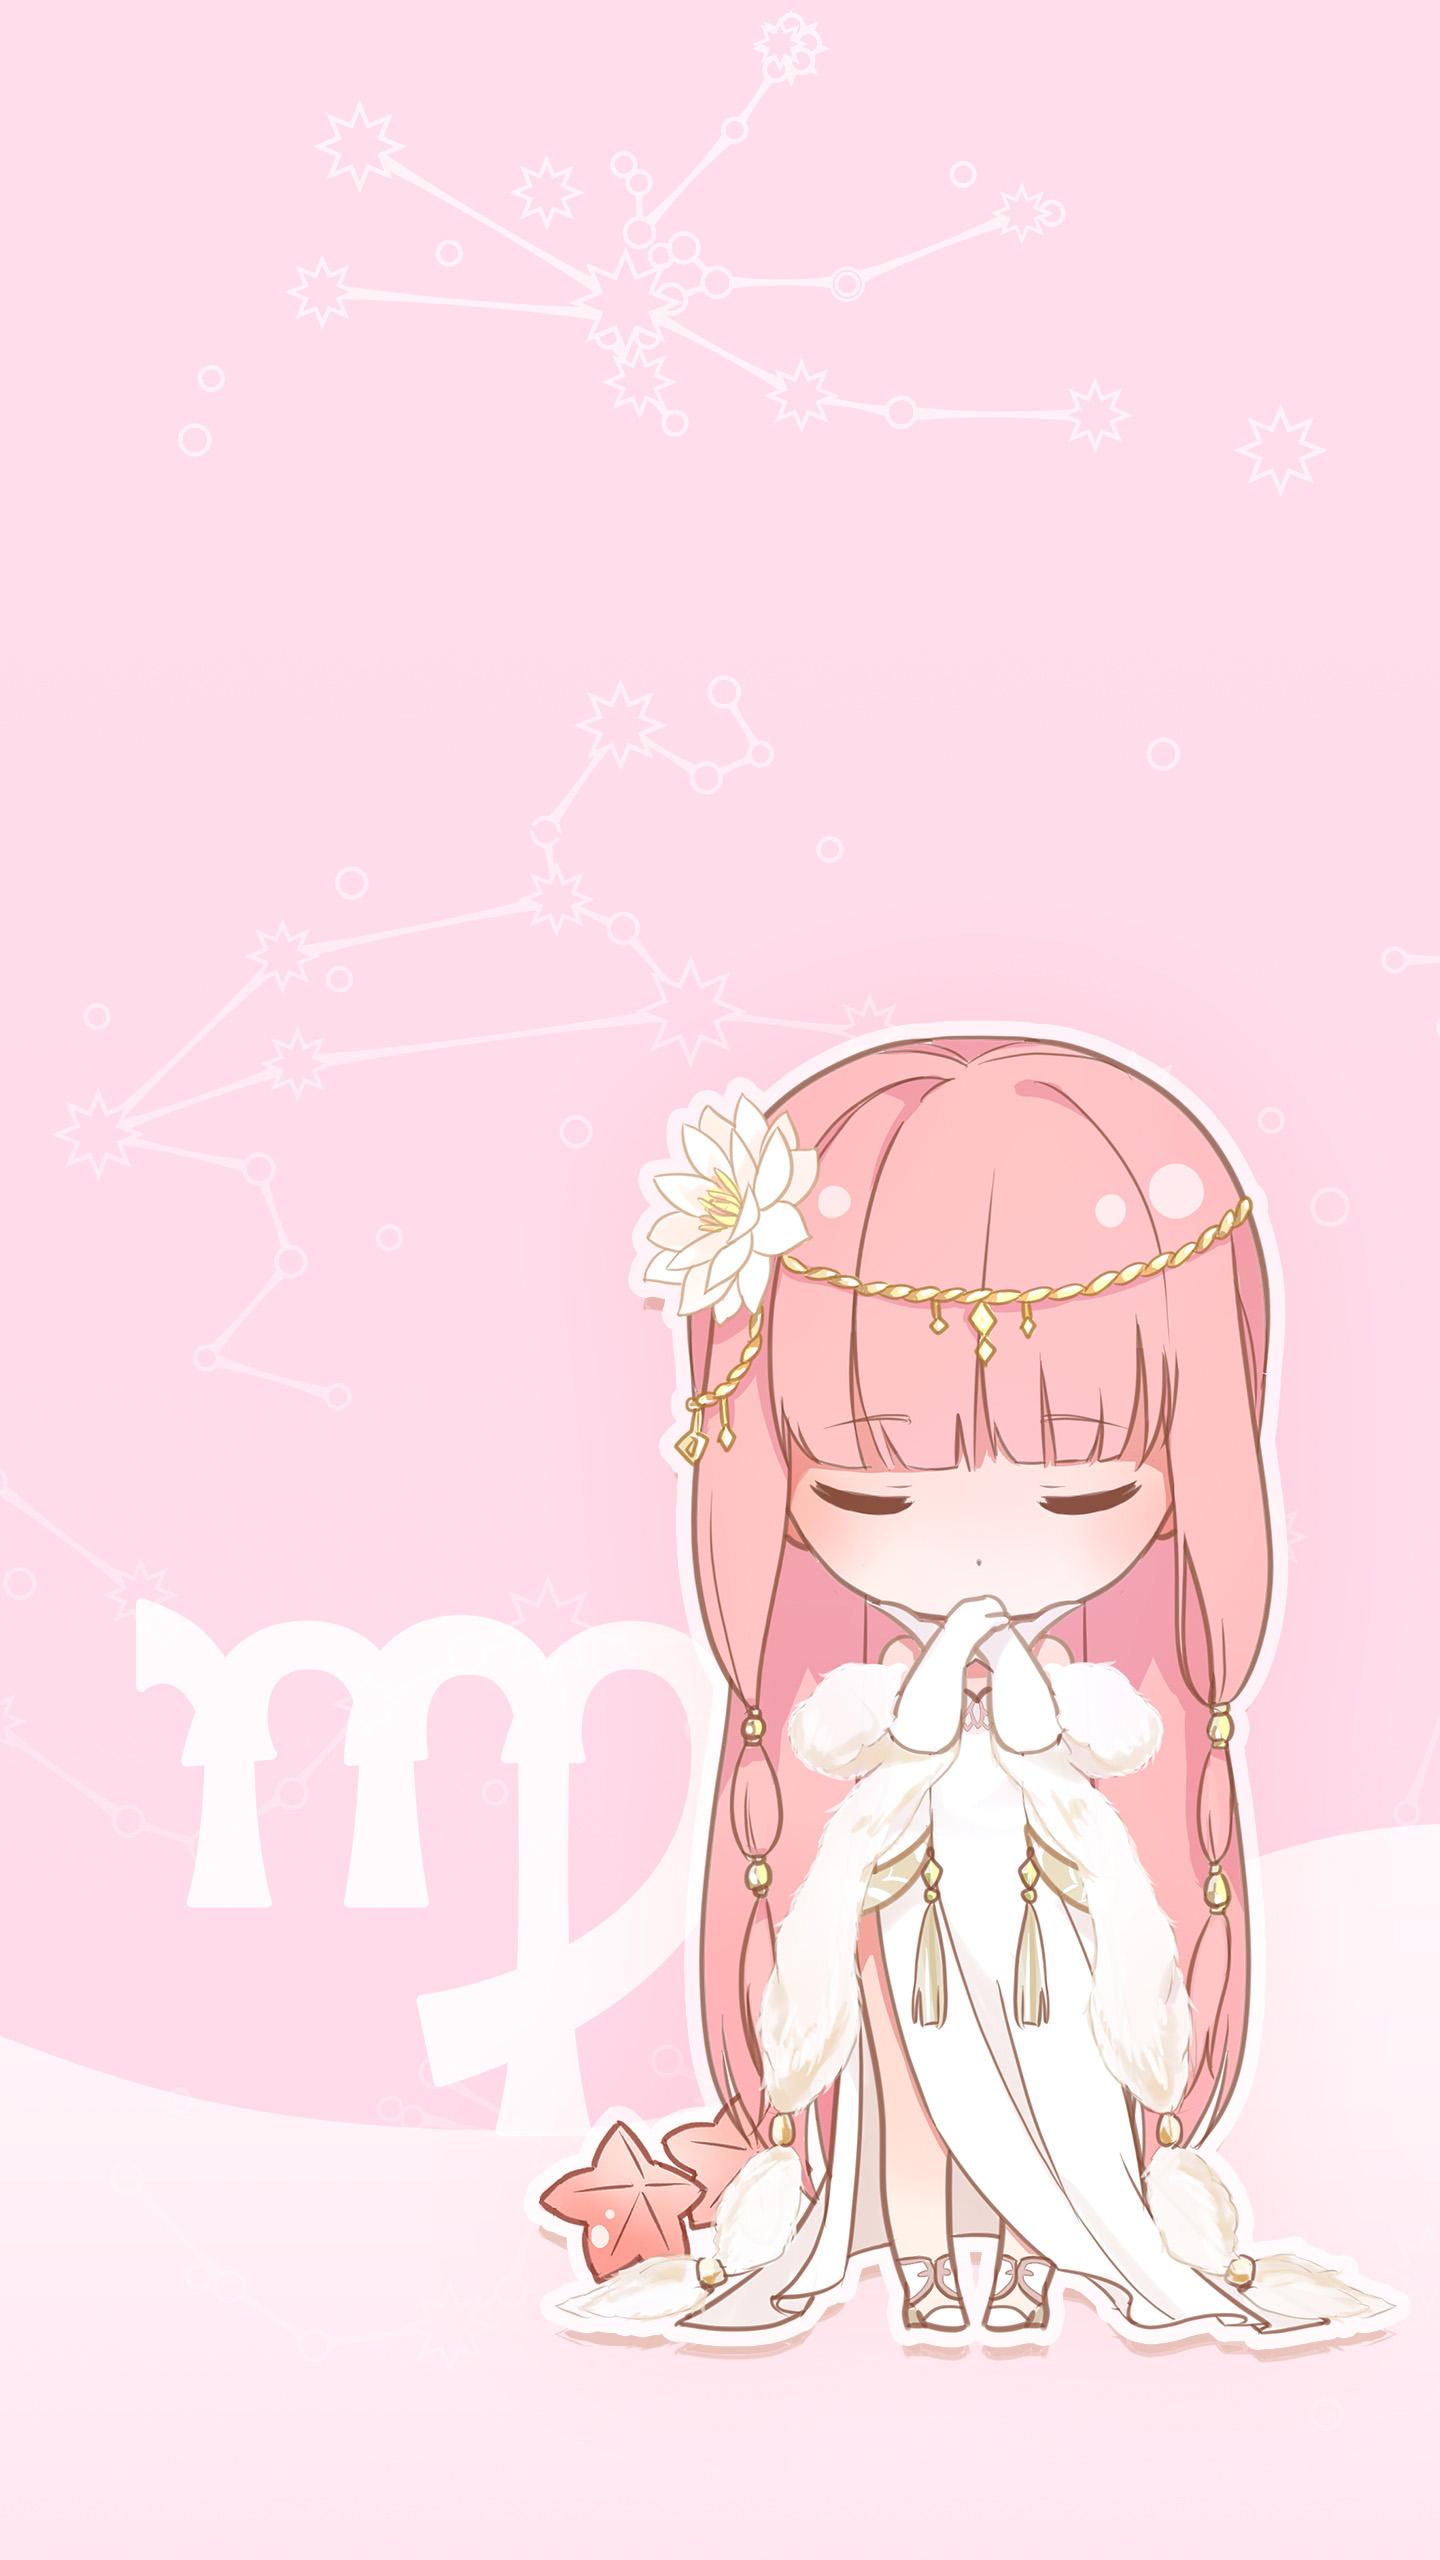 可爱漂亮萌萌哒漫画卡通人物小女生图片